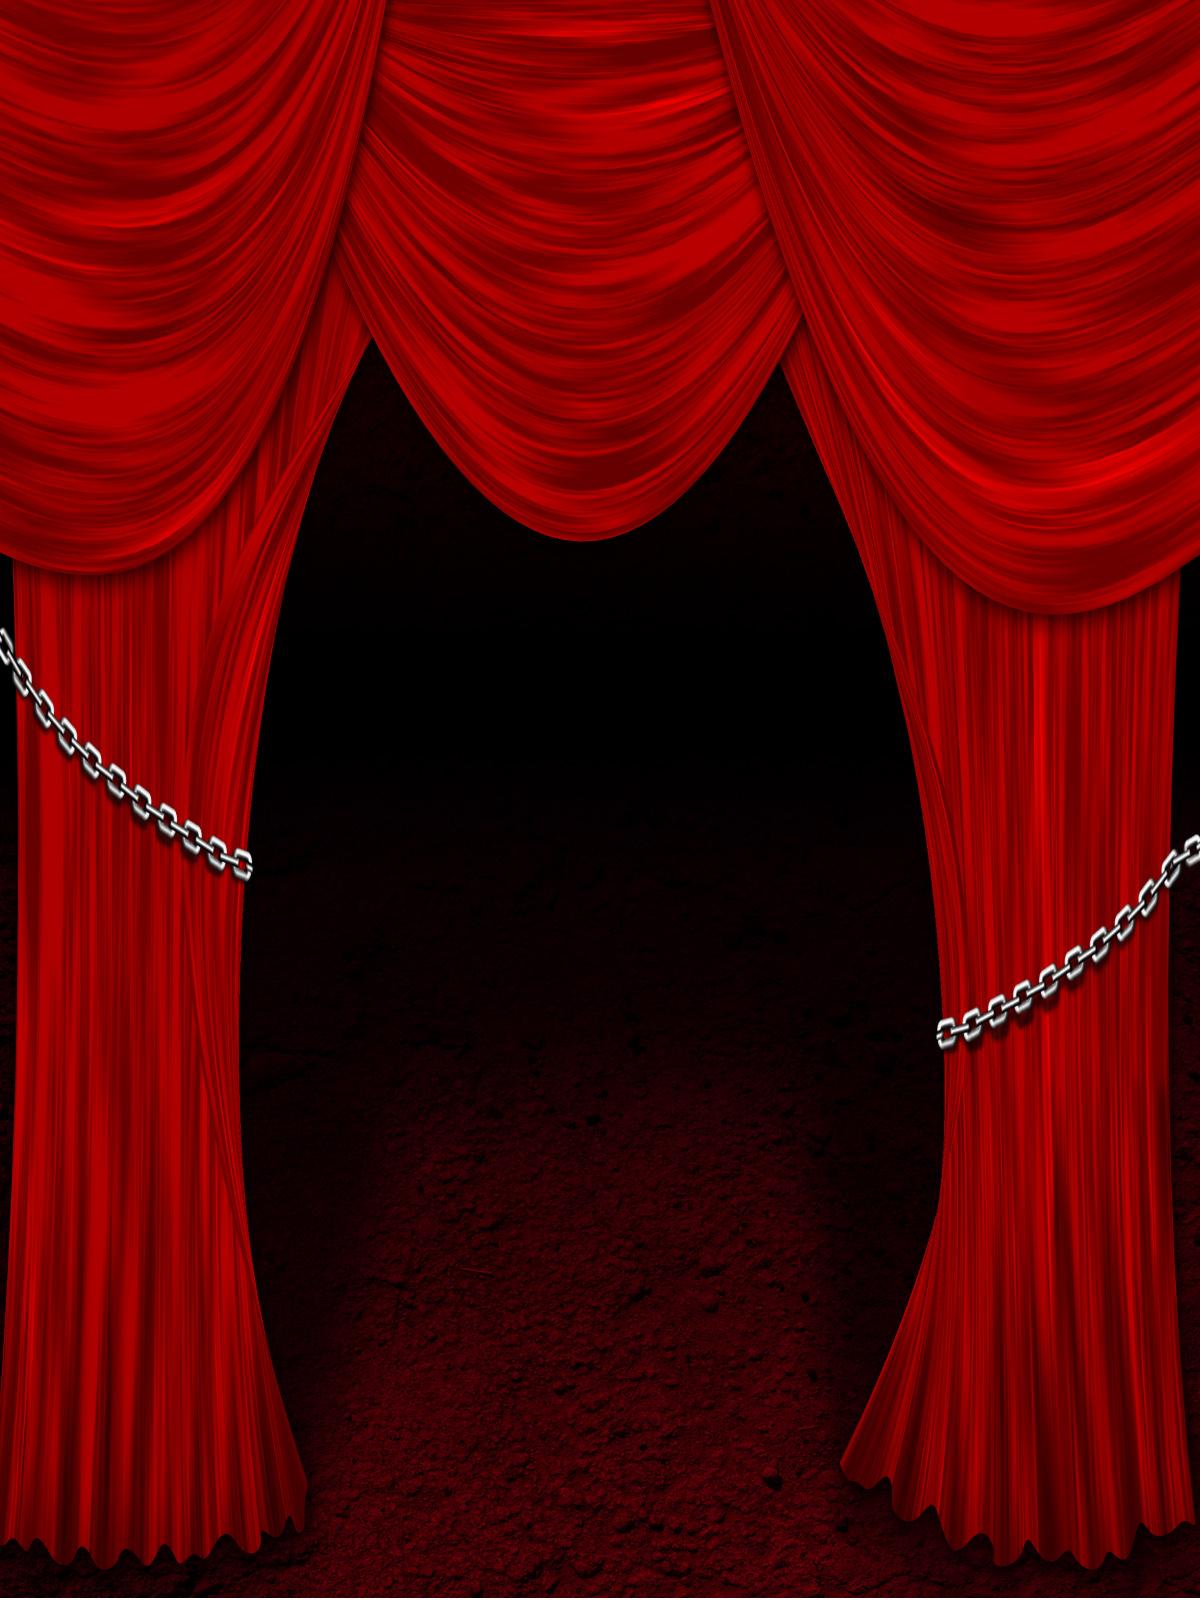 Curtains And Wallpaper Wallpapersafari